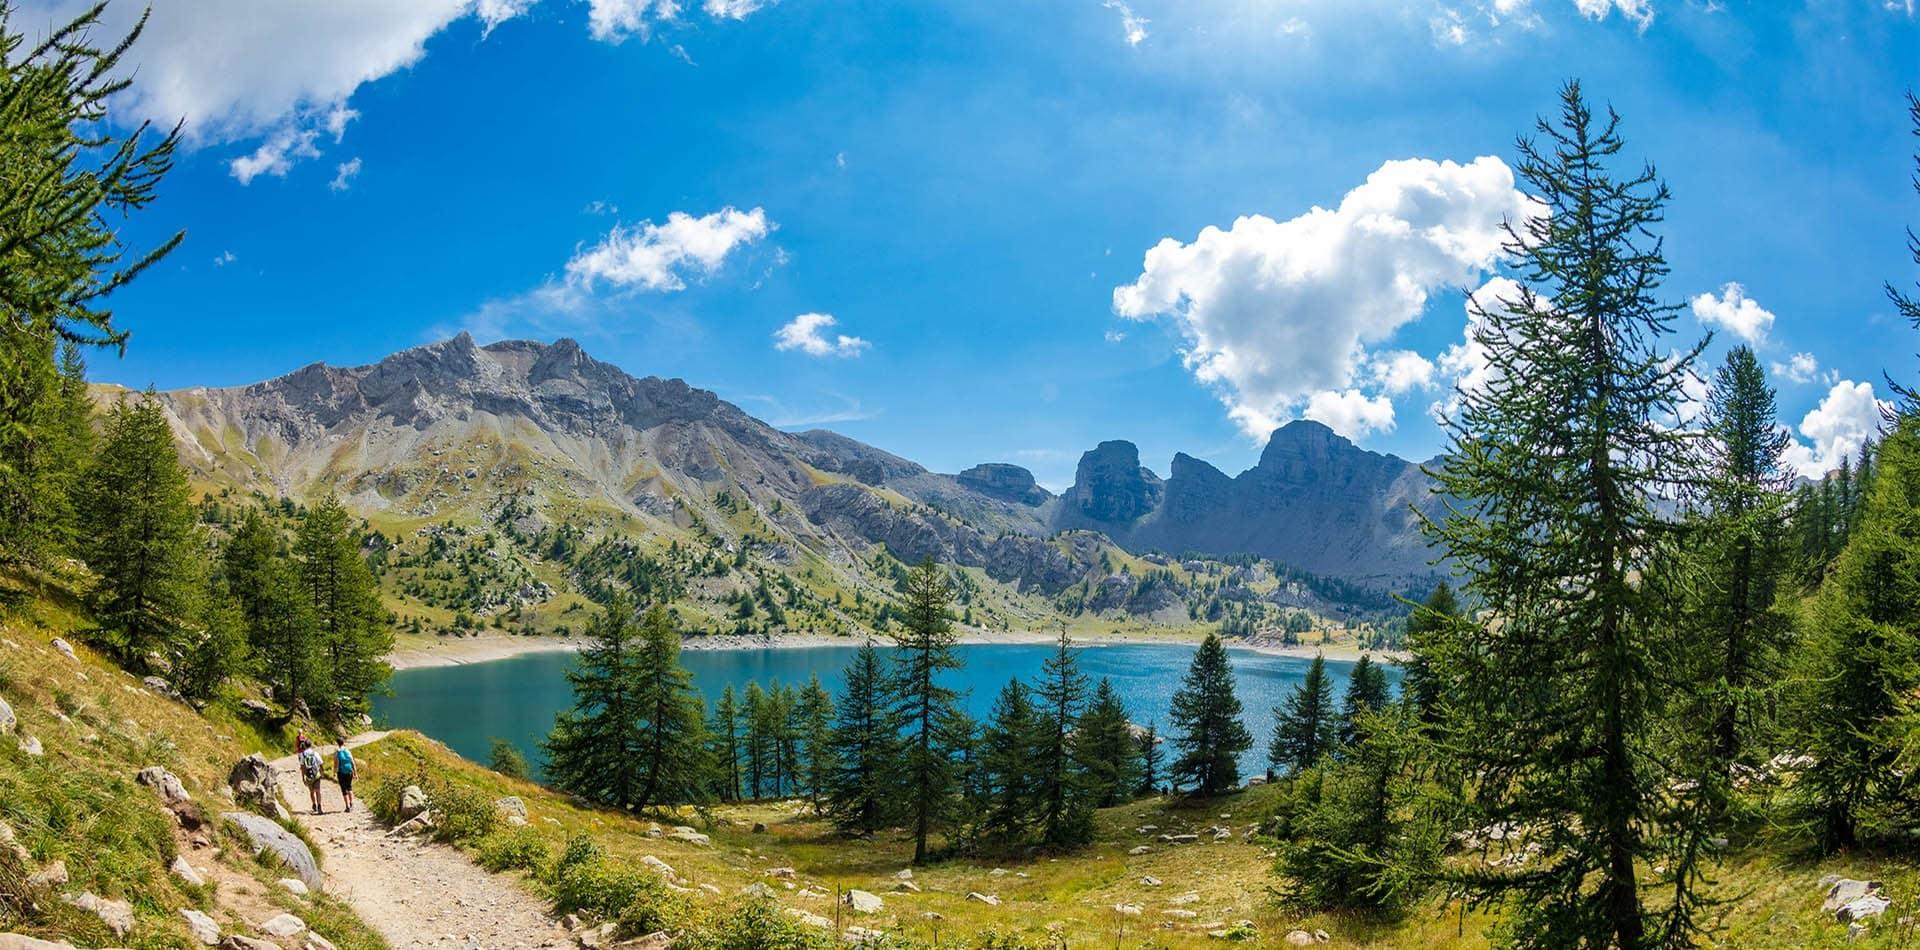 randonnée foux d'allos panorama lac